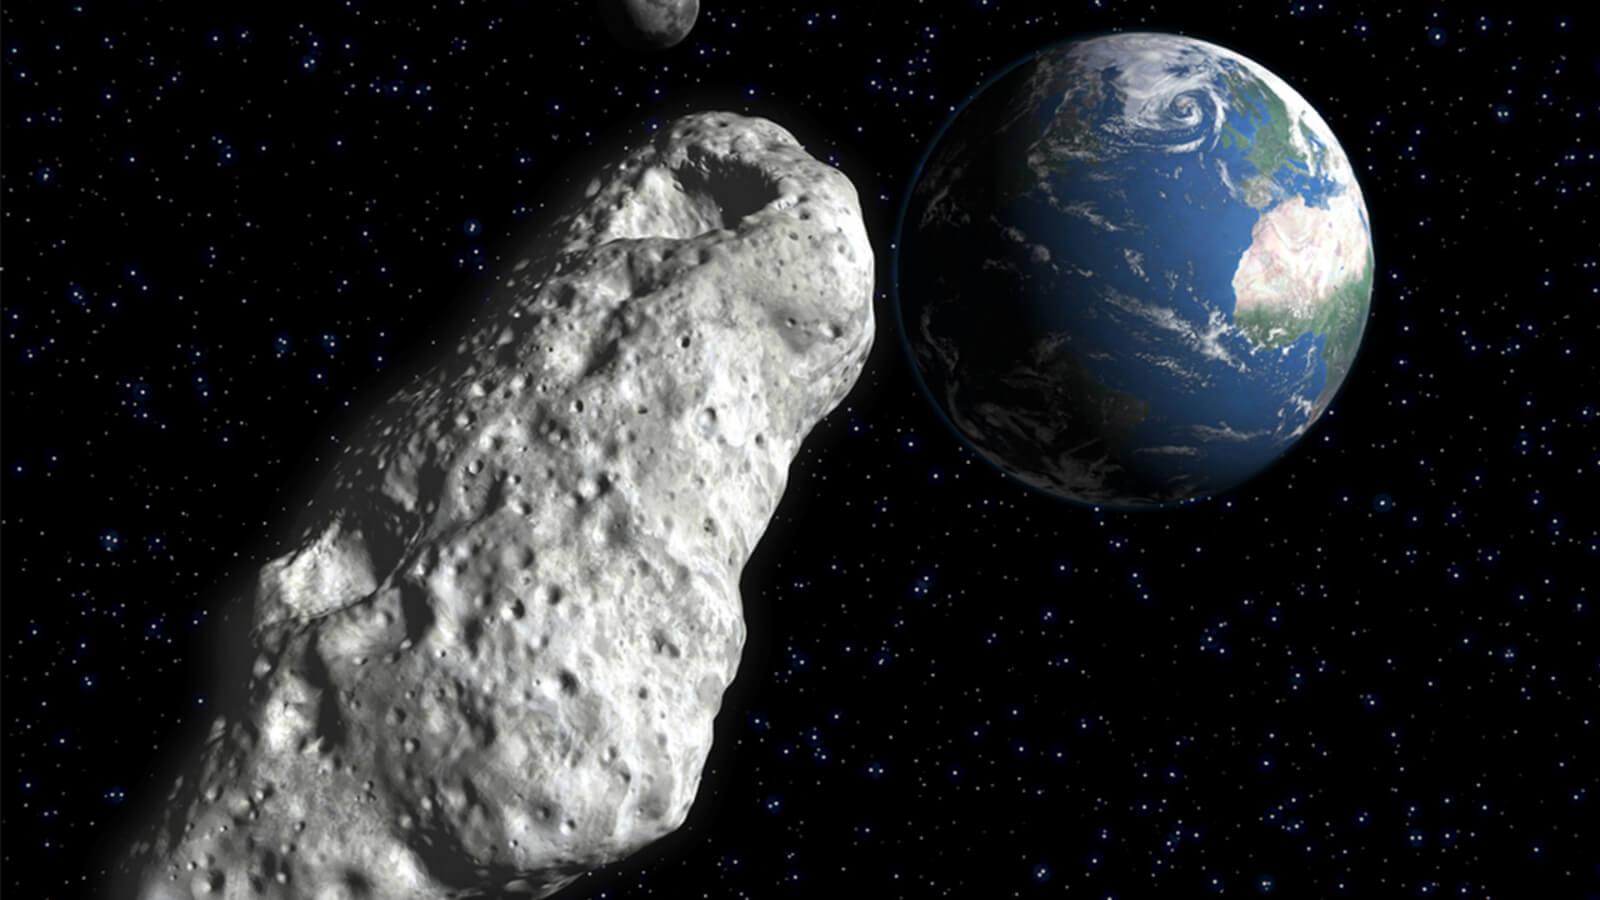 К Земле летит огромный астероид размером с небоскреб